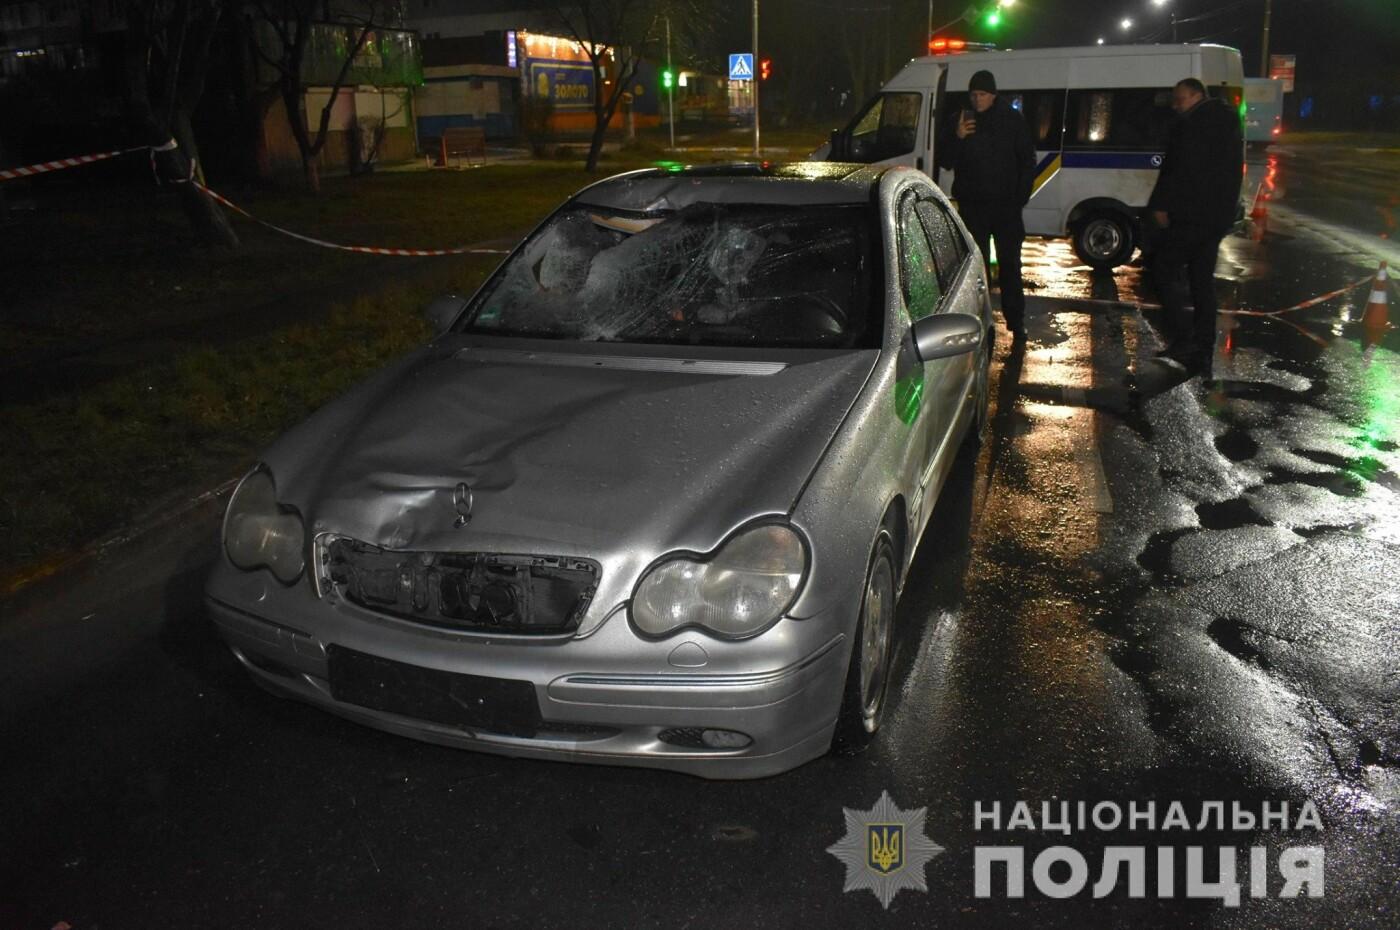 На Киевщине водитель совершил смертельное ДТП и скрылся, - ФОТО  , фото-1